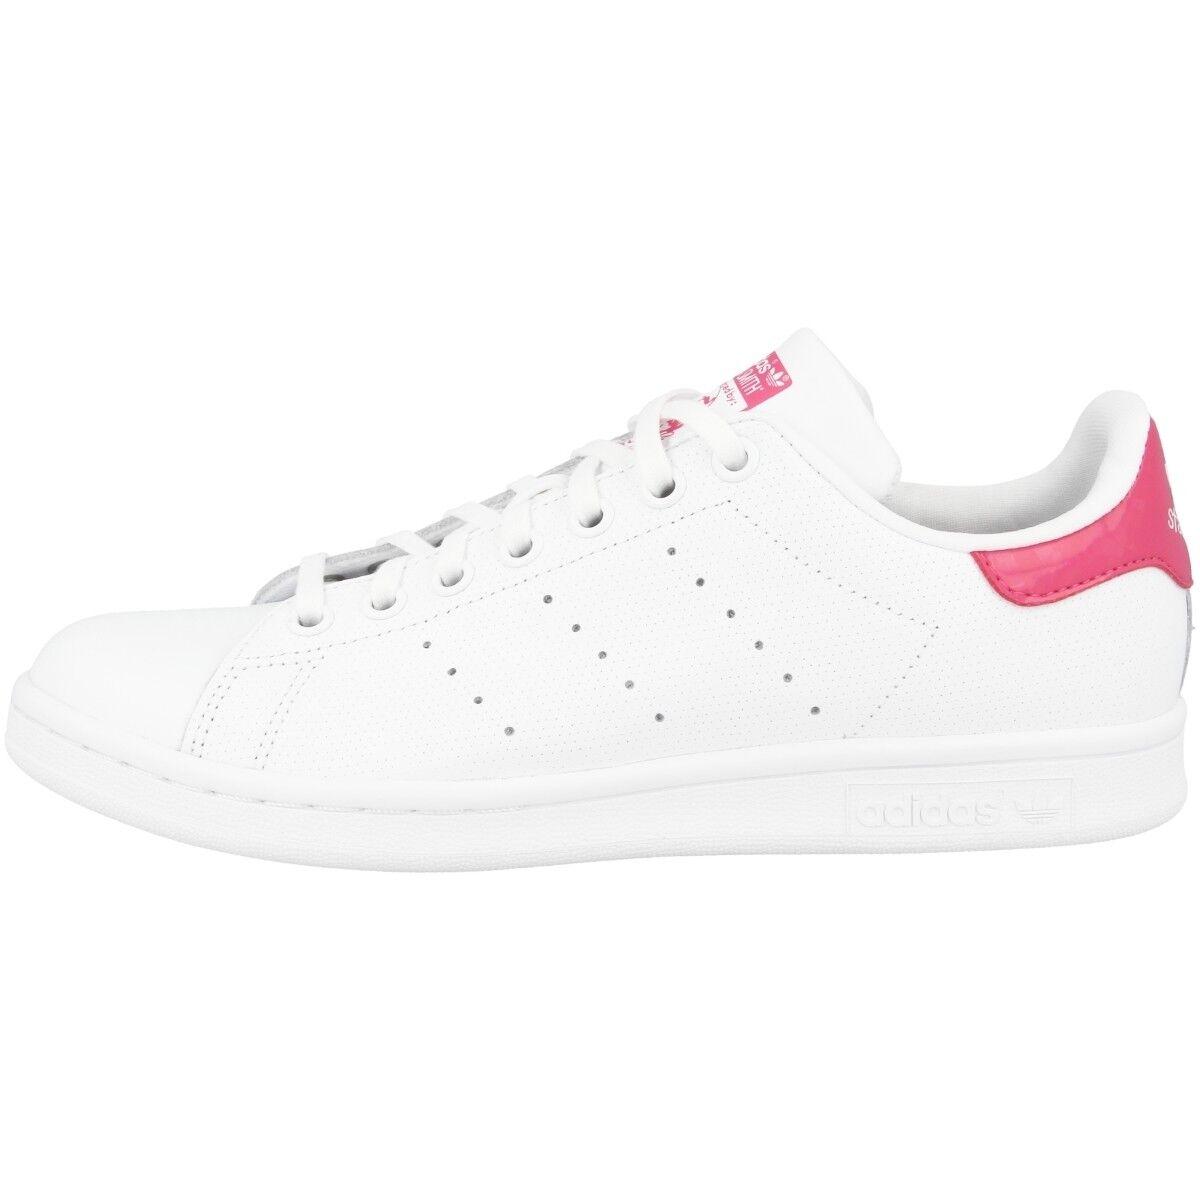 Adidas Stan Smith J Schuhe Originals Retro Freizeit Sneaker WEISS pink DB1207